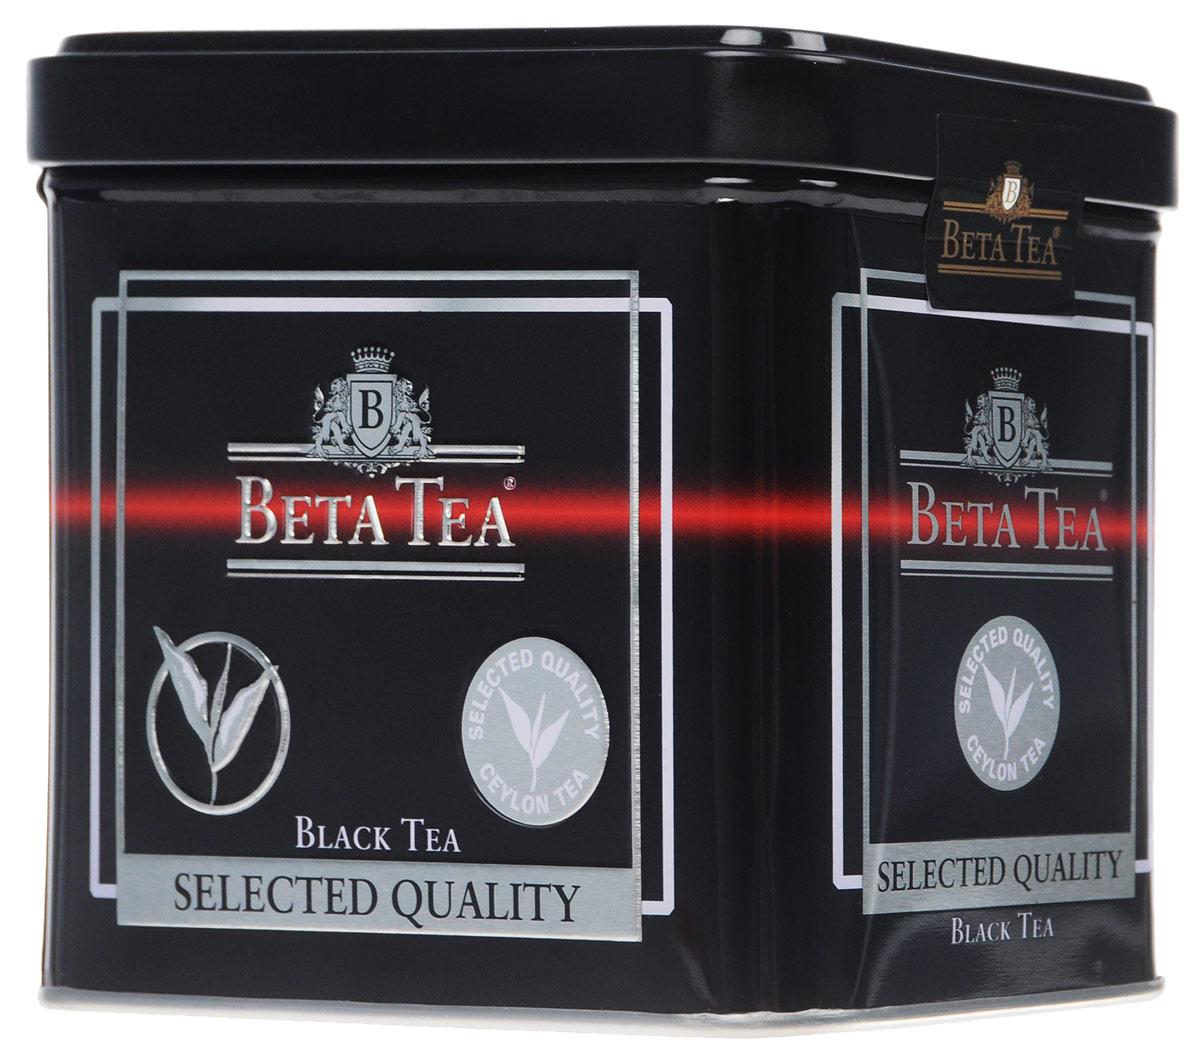 Beta Tea Отборное качество черный листовой чай, 100 г (жестяная банка)8690717005508Этот сорт чая поставляют лучшие чайные плантации Шри-Ланки. Любители крепкого чая с терпким вкусом по достоинству оценят Beta Tea Отборное качество.